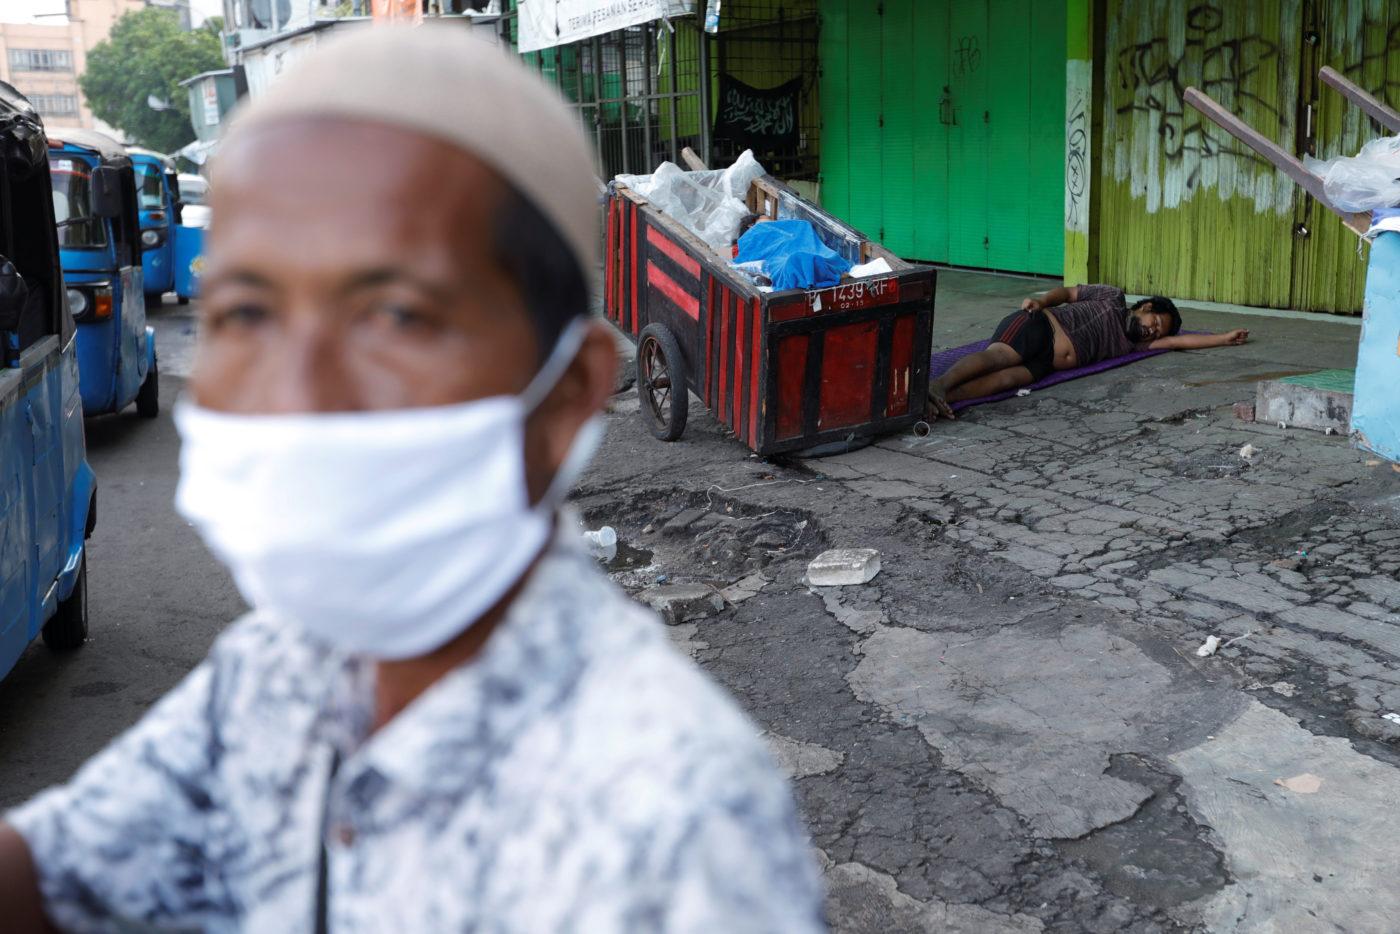 Ulični prodavac sa maskom na licu radi, dok u pozadini spavaju beskućnici, Džakarta, 31. mart 2020. (Foto: REUTERS/Willy Kurniawan)